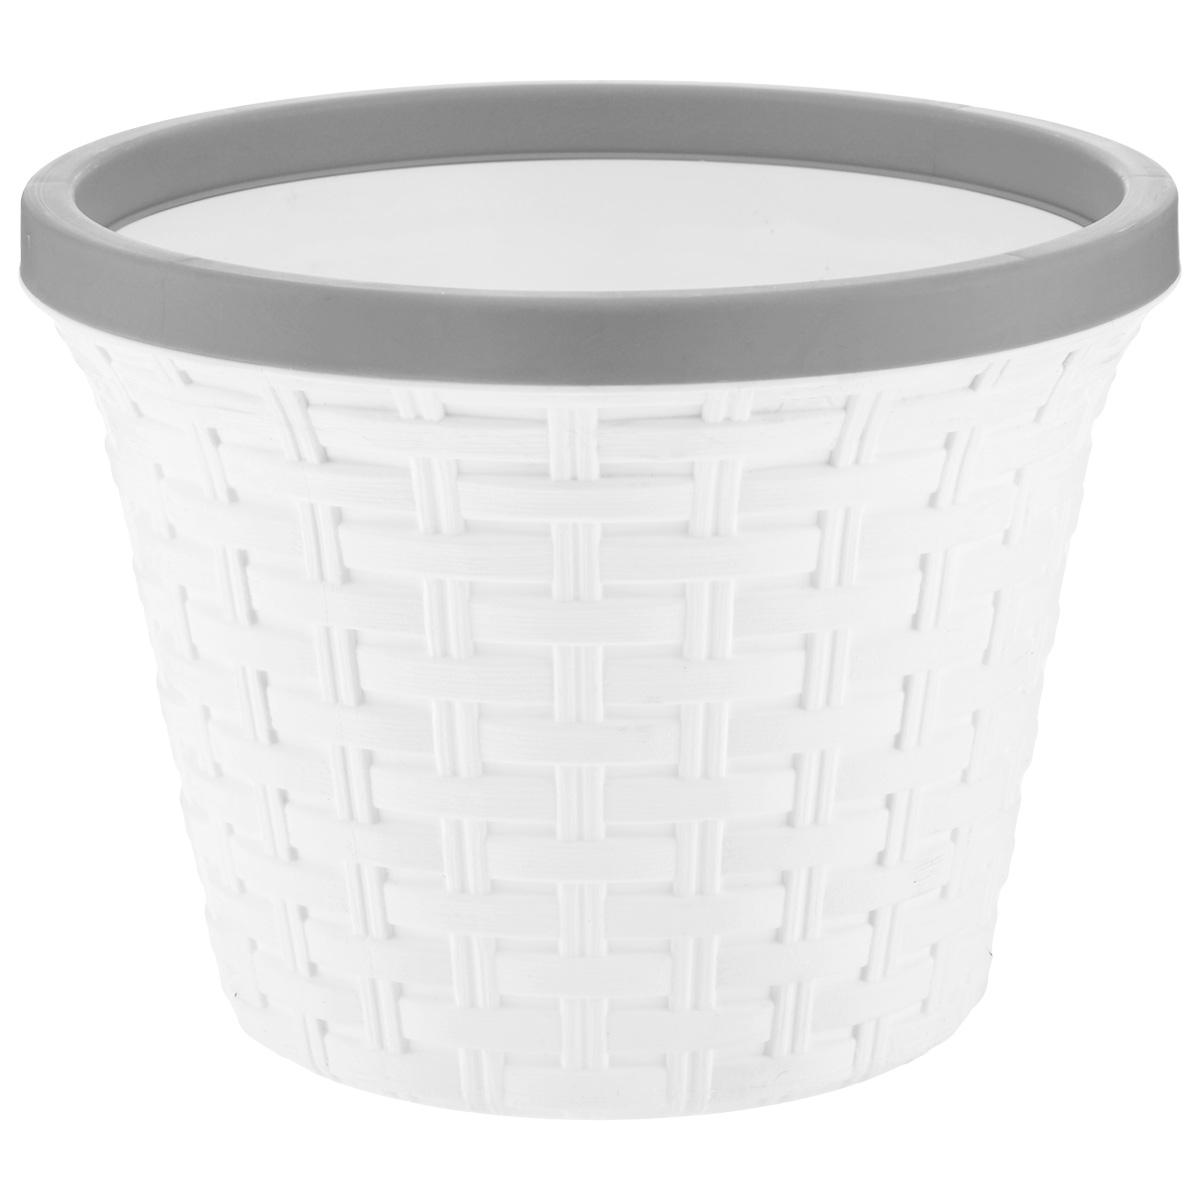 Кашпо Violet Ротанг, с дренажной системой, цвет: белый, 8,8 л787502Кашпо Violet Ротанг изготовлено из высококачественного пластика и оснащено дренажной системой для быстрого отведения избытка воды при поливе. Изделие прекрасно подходит для выращивания растений и цветов в домашних условиях. Лаконичный дизайн впишется в интерьер любого помещения.Объем: 8,8 л.